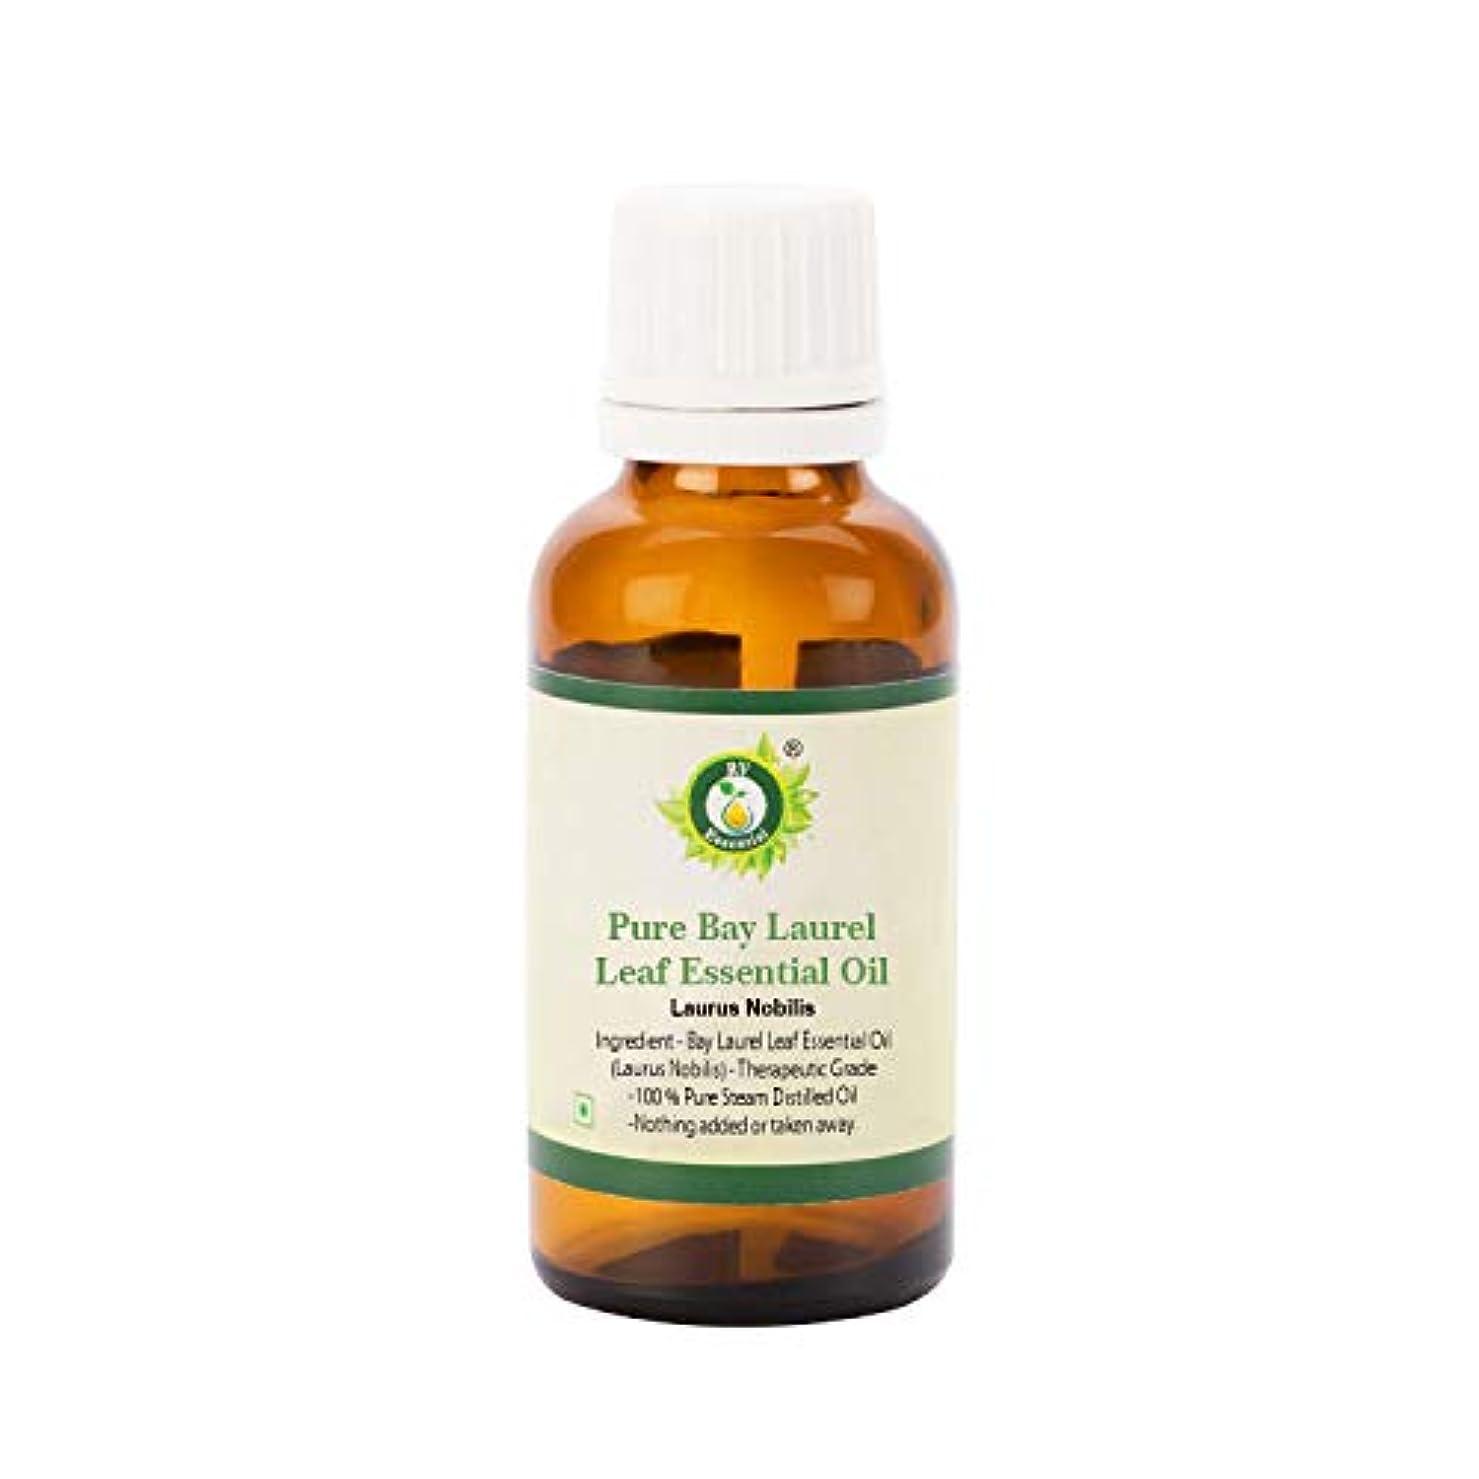 作業明快山R V Essential ピュアベイローレル Leaf エッセンシャルオイル50ml (1.69oz)- Laurus Nobilis (100%純粋&天然スチームDistilled) Pure Bay Laurel Leaf Essential Oil